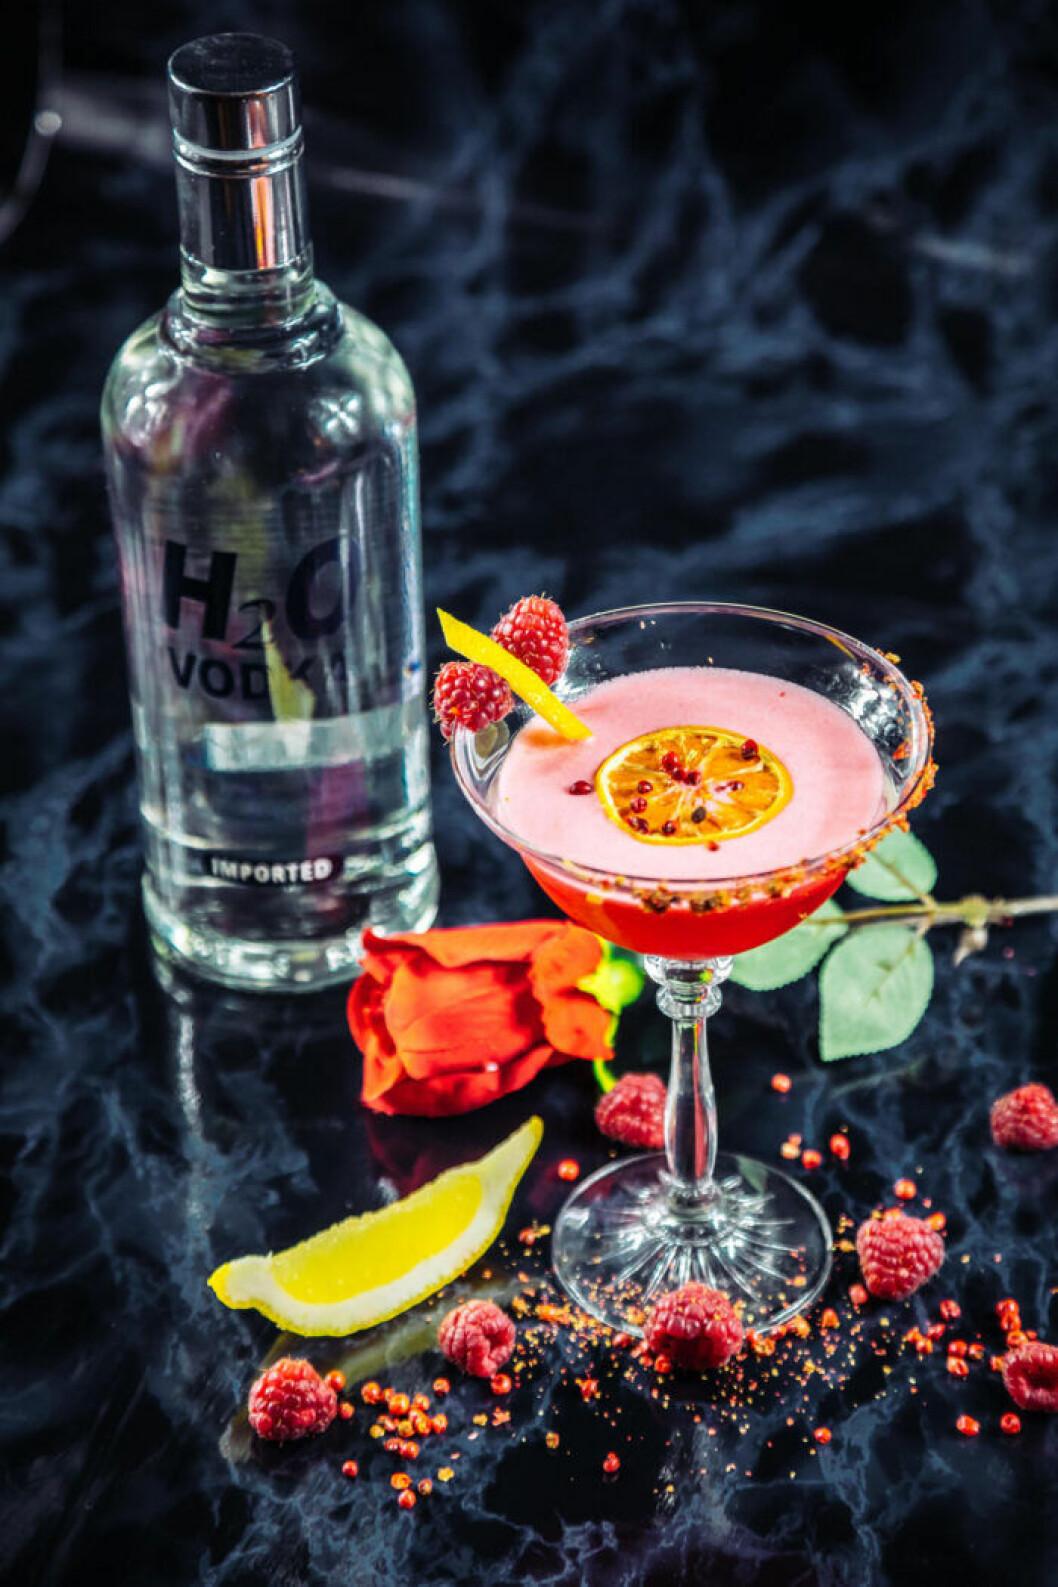 Vodkadrink med pepprig smak av rosépeppar.